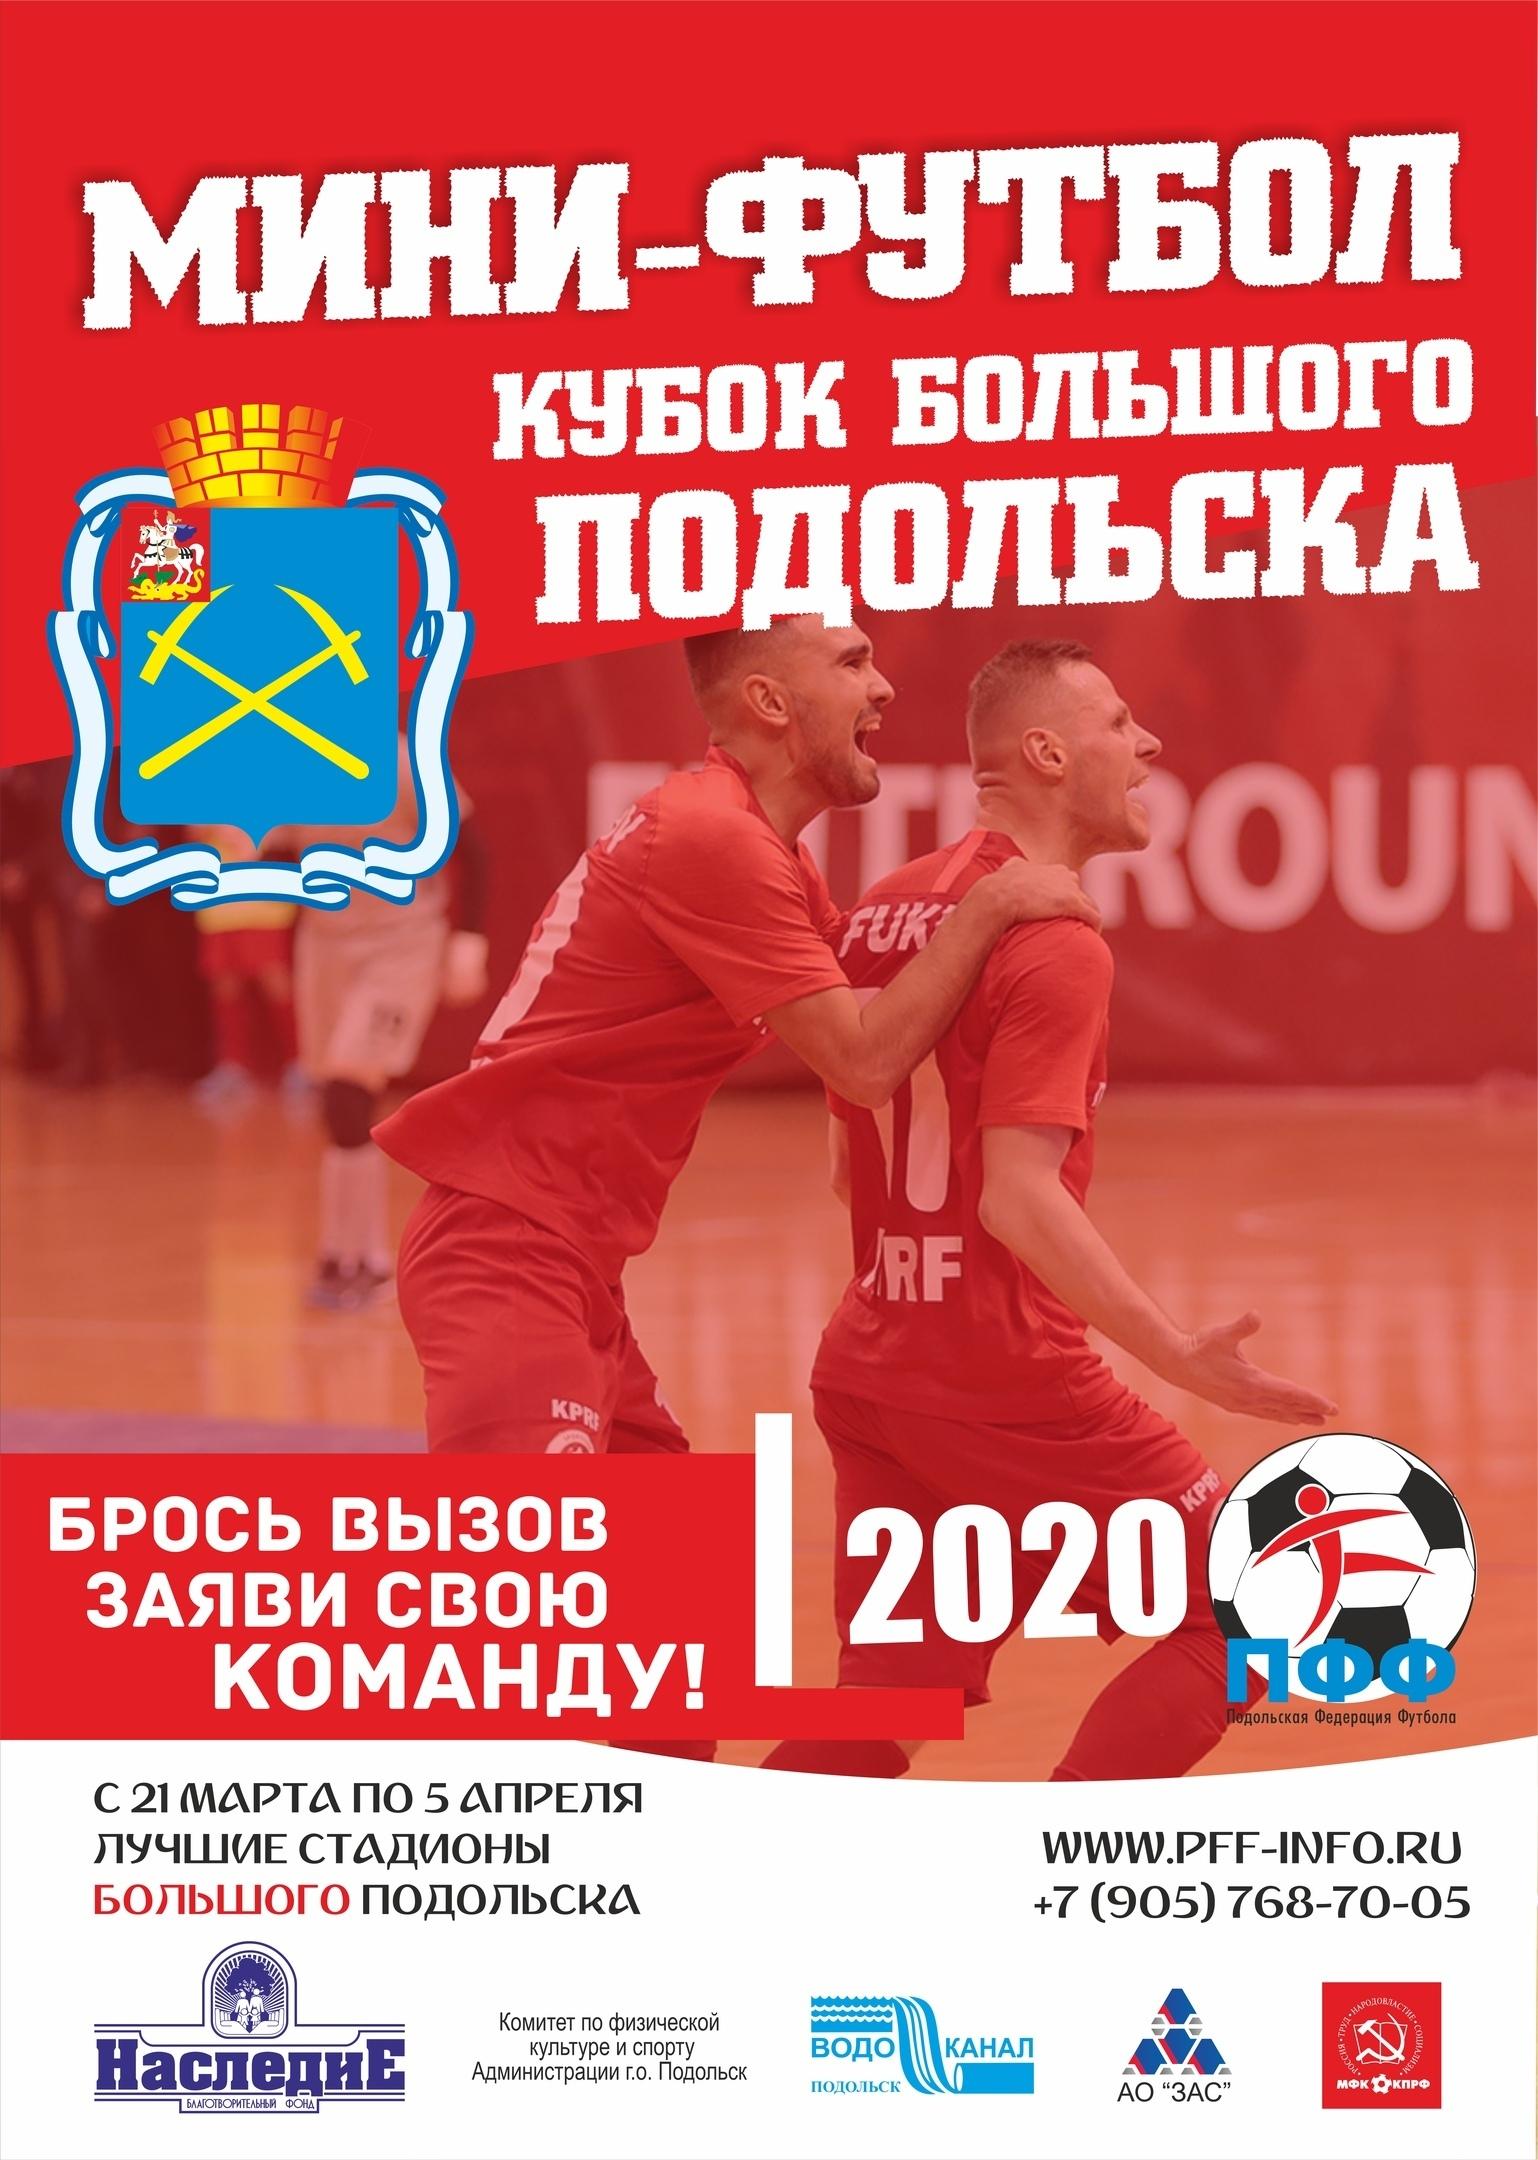 Жеребьевка Кубка Большого Подольска пройдет 15 марта